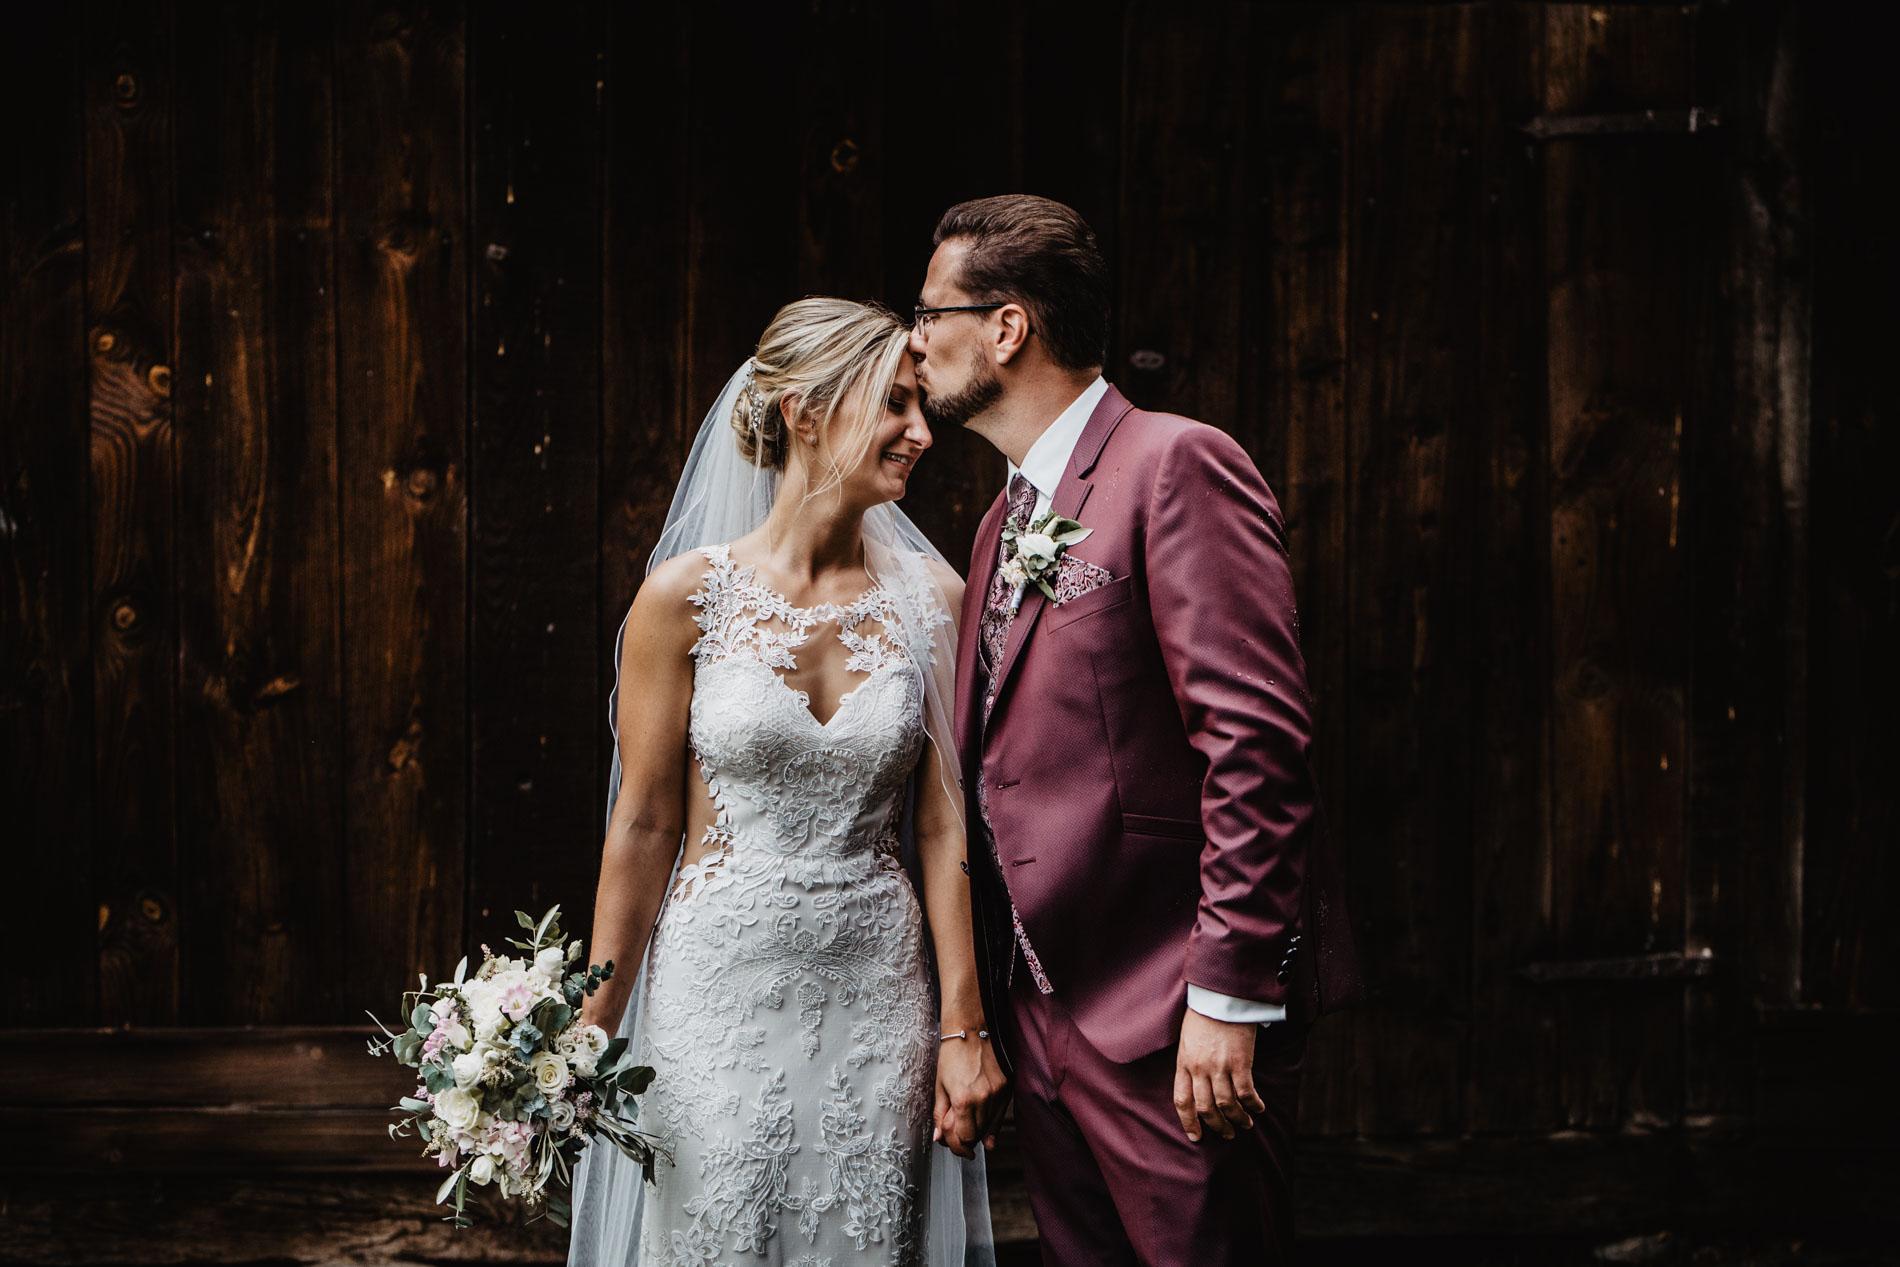 Hochzeitsfotograf für kreative und emotionale Hochzeitsportraits & Hochzeitsreportagen in Hamburg